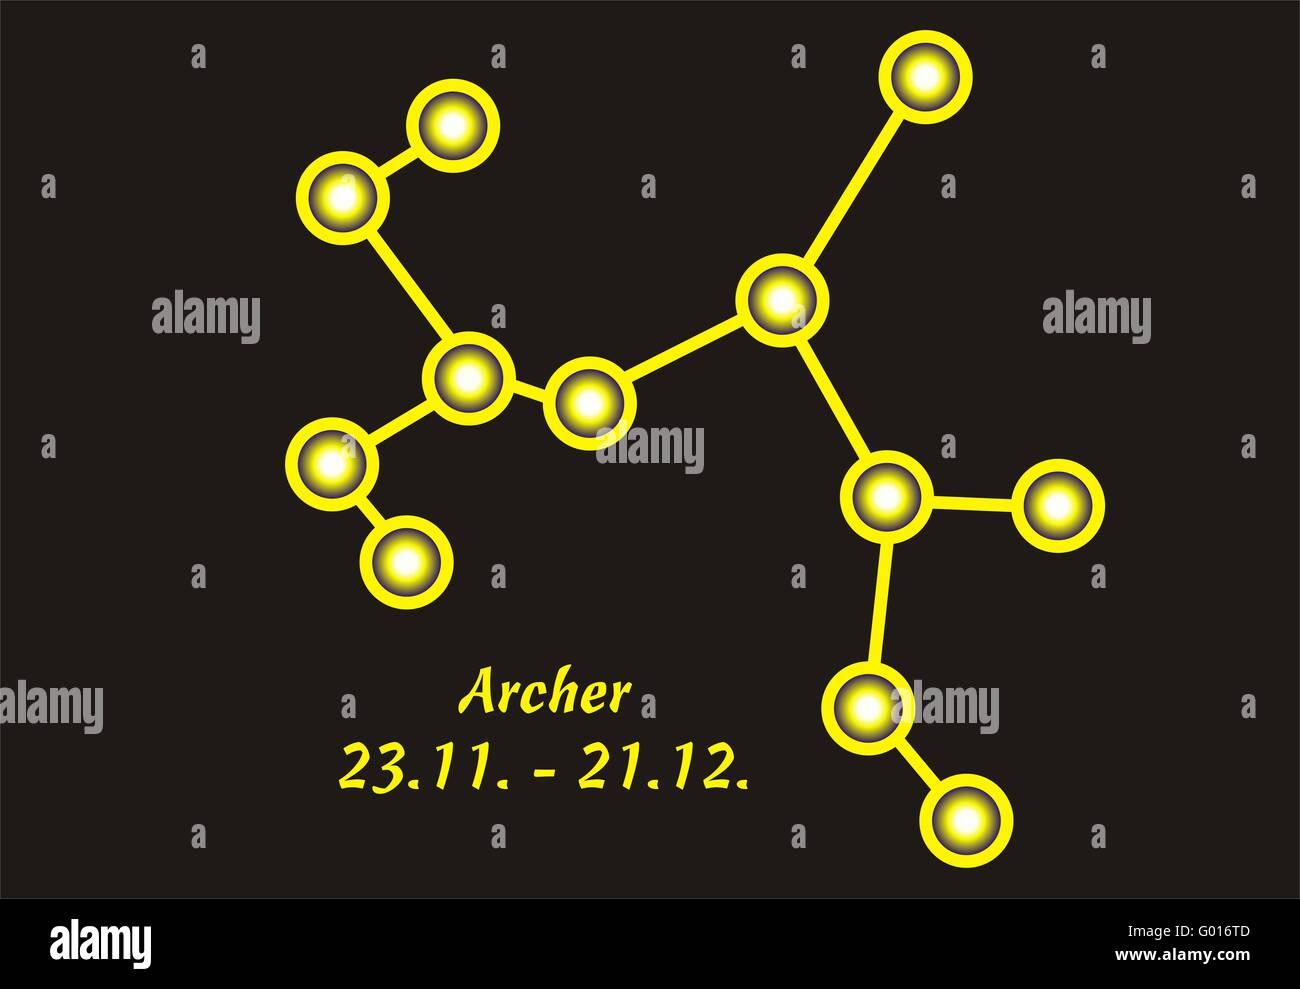 Sternzeichen Schütze Wann sternzeichen schütze stockfoto, bild: 103289549 - alamy